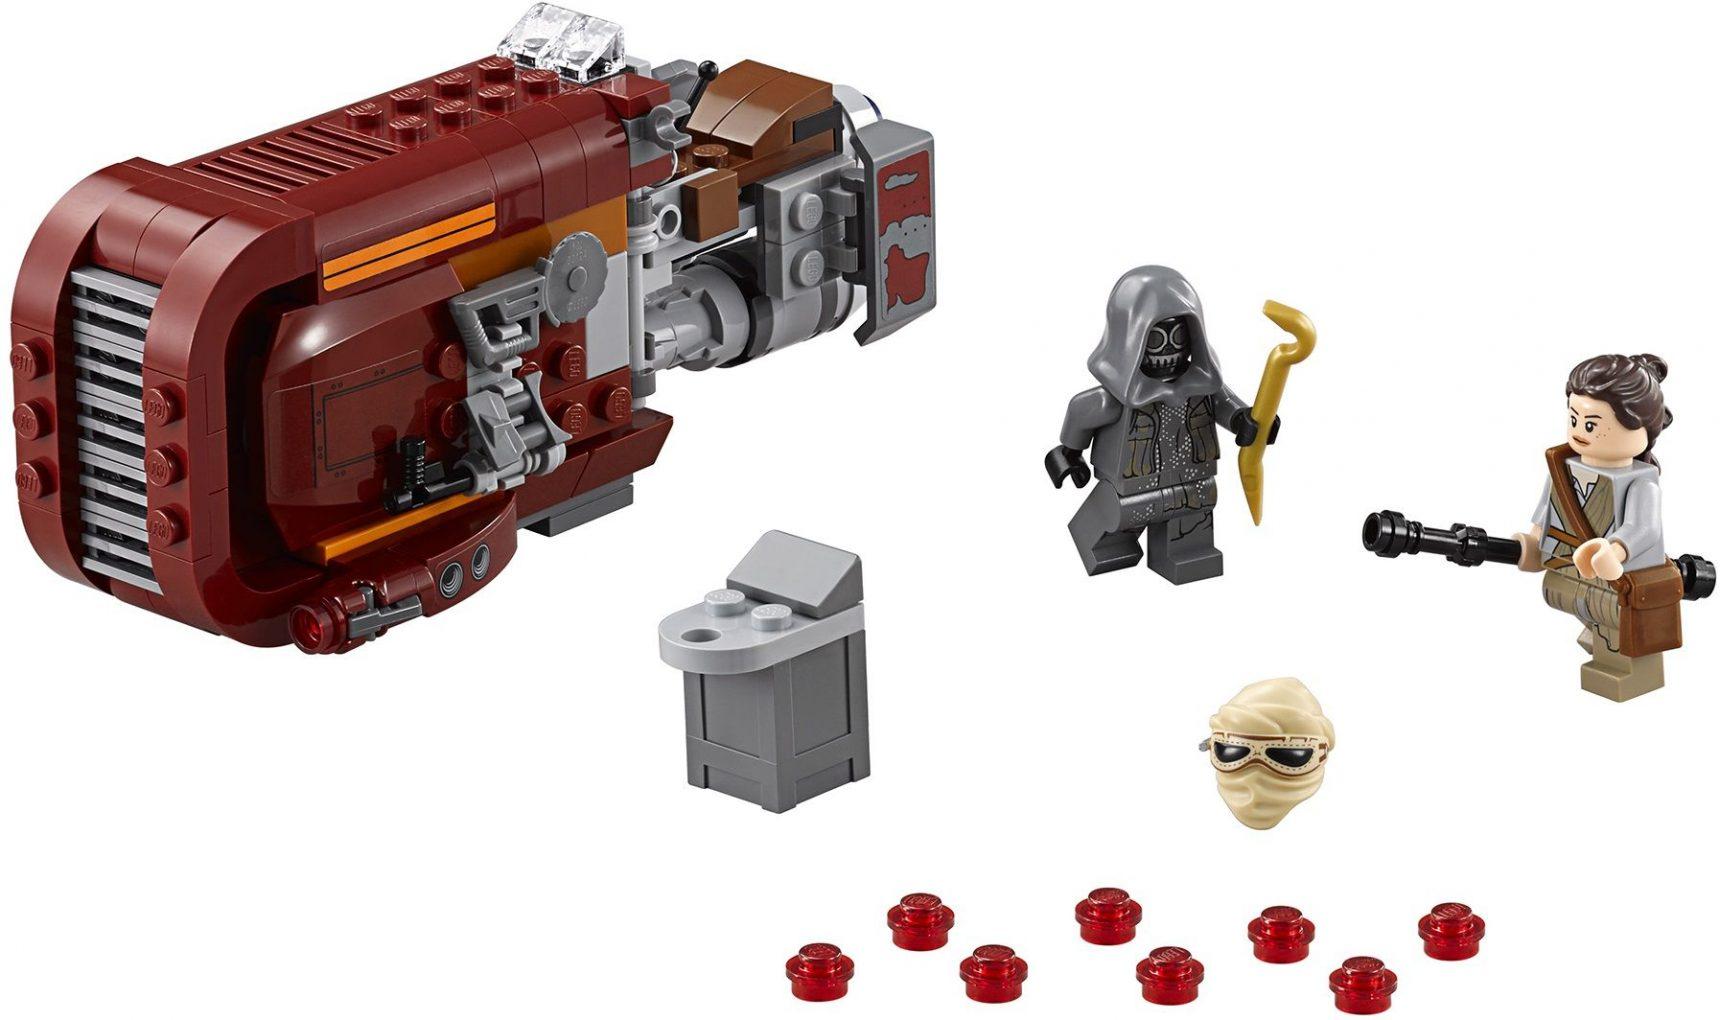 Tolle Lego Star Wars Schiffe Färbung Seiten Galerie - Entry Level ...